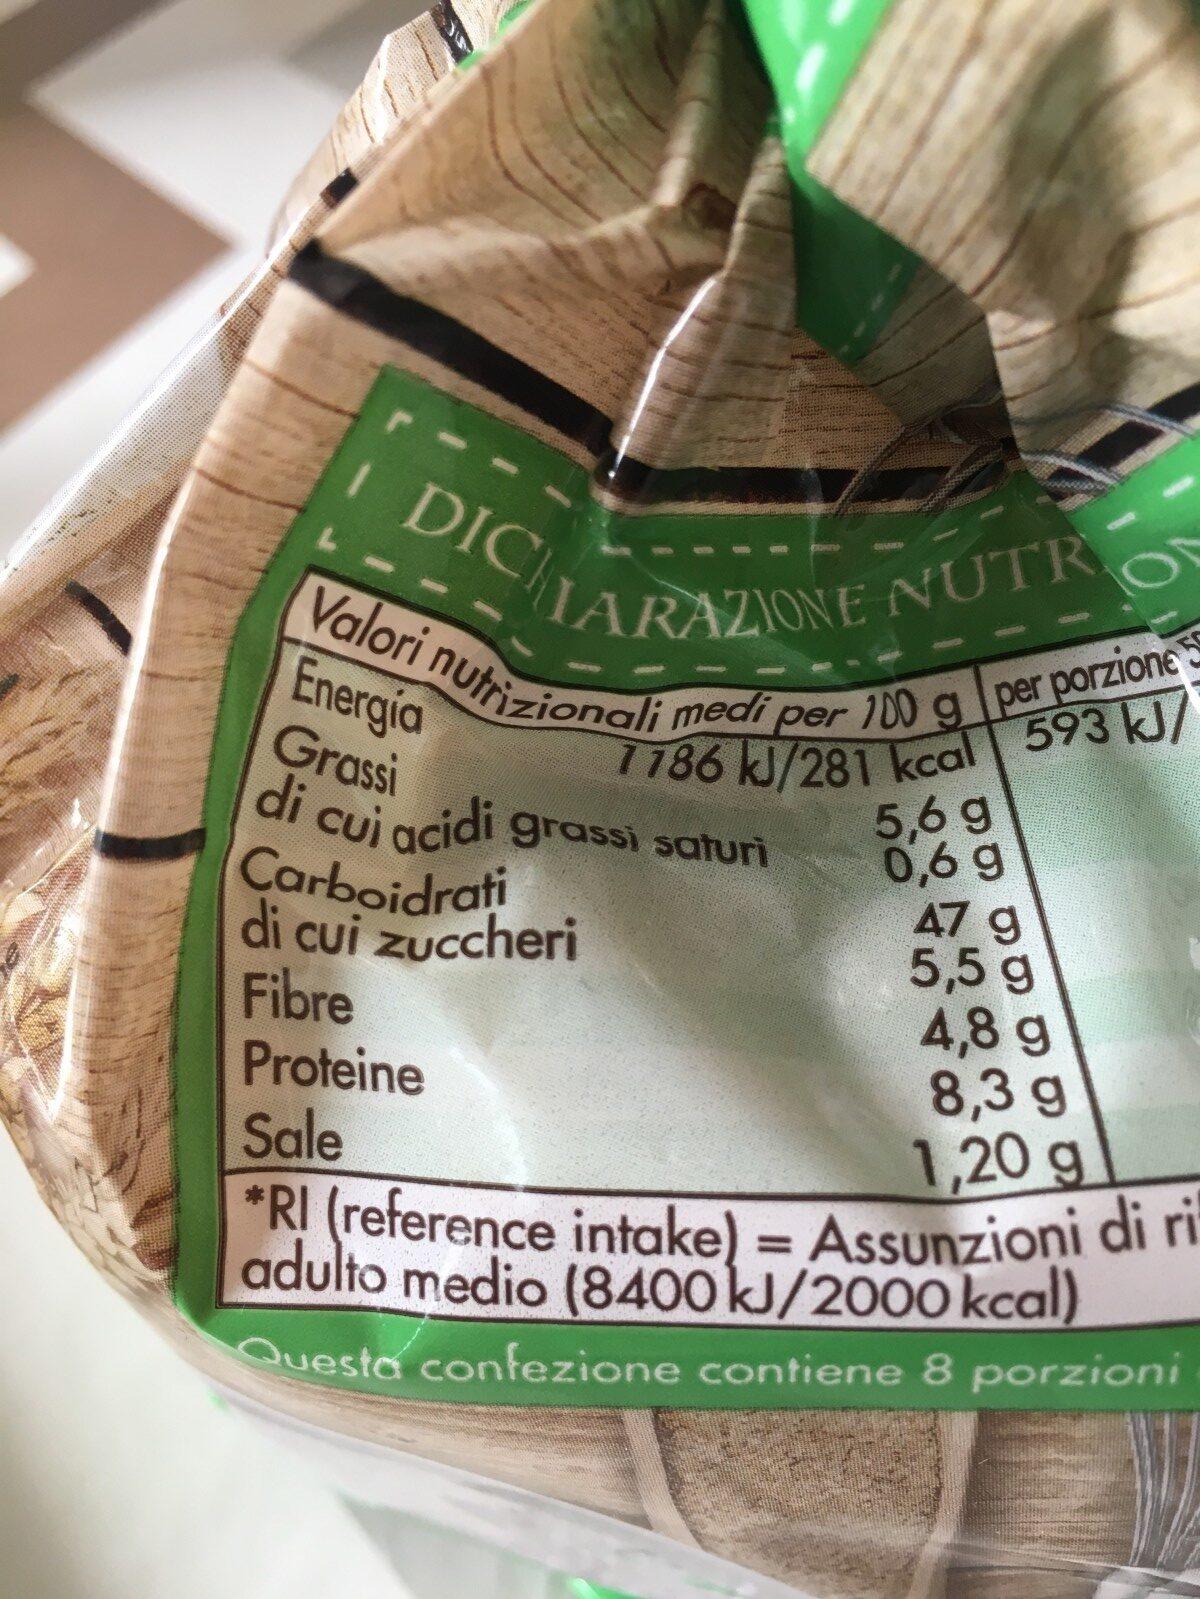 Pain de mie-pan bauletto cereali e soia - Ingrédients - fr